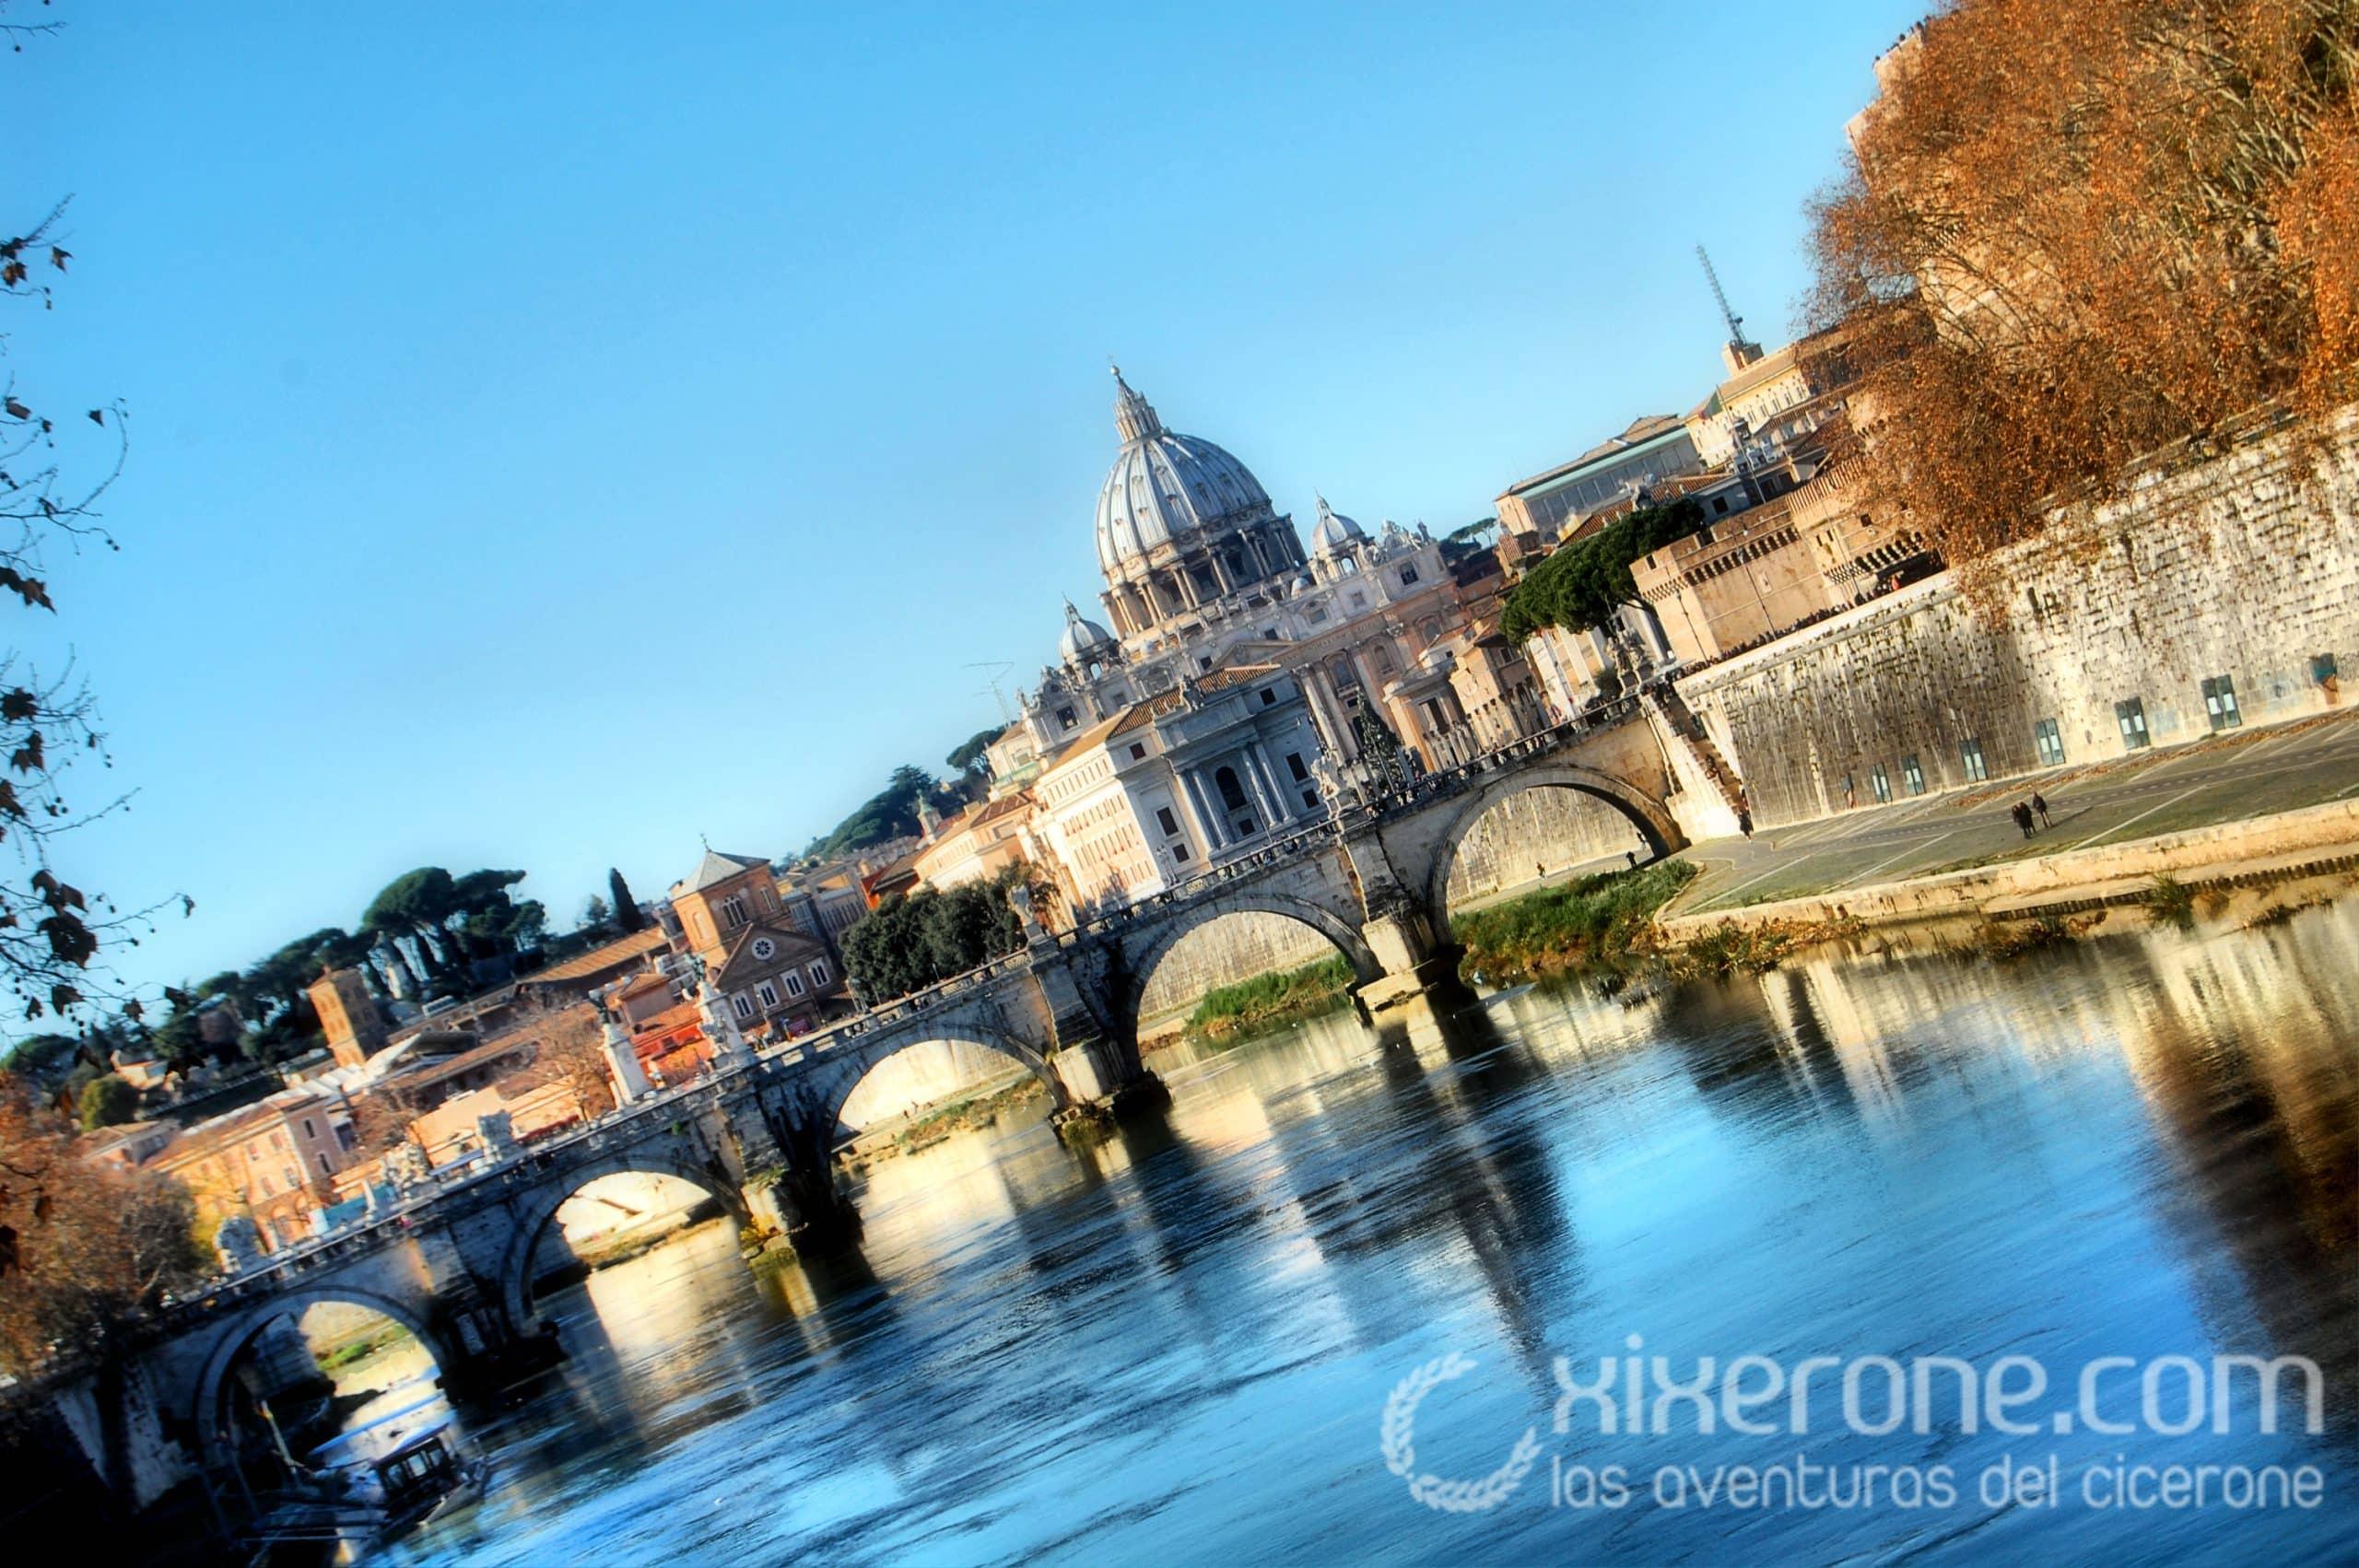 Visitar Roma - Tíber y San Pedro